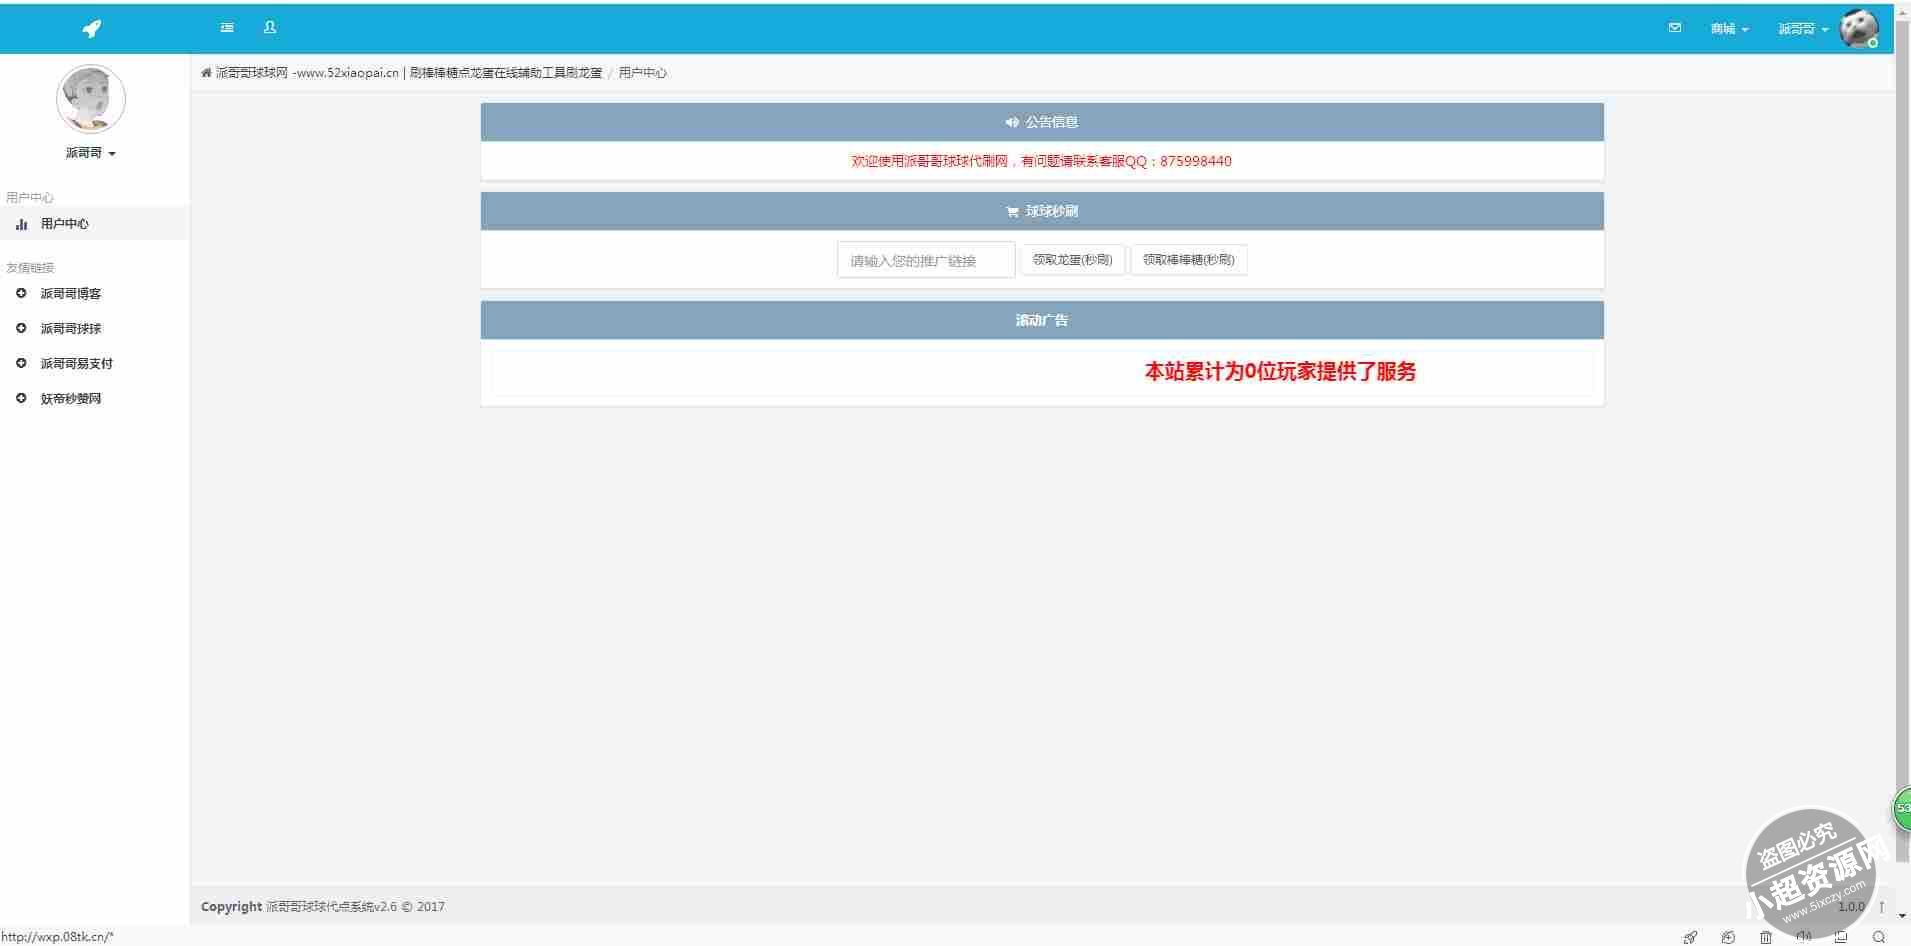 派哥哥球球代点系统v2.6,修改版